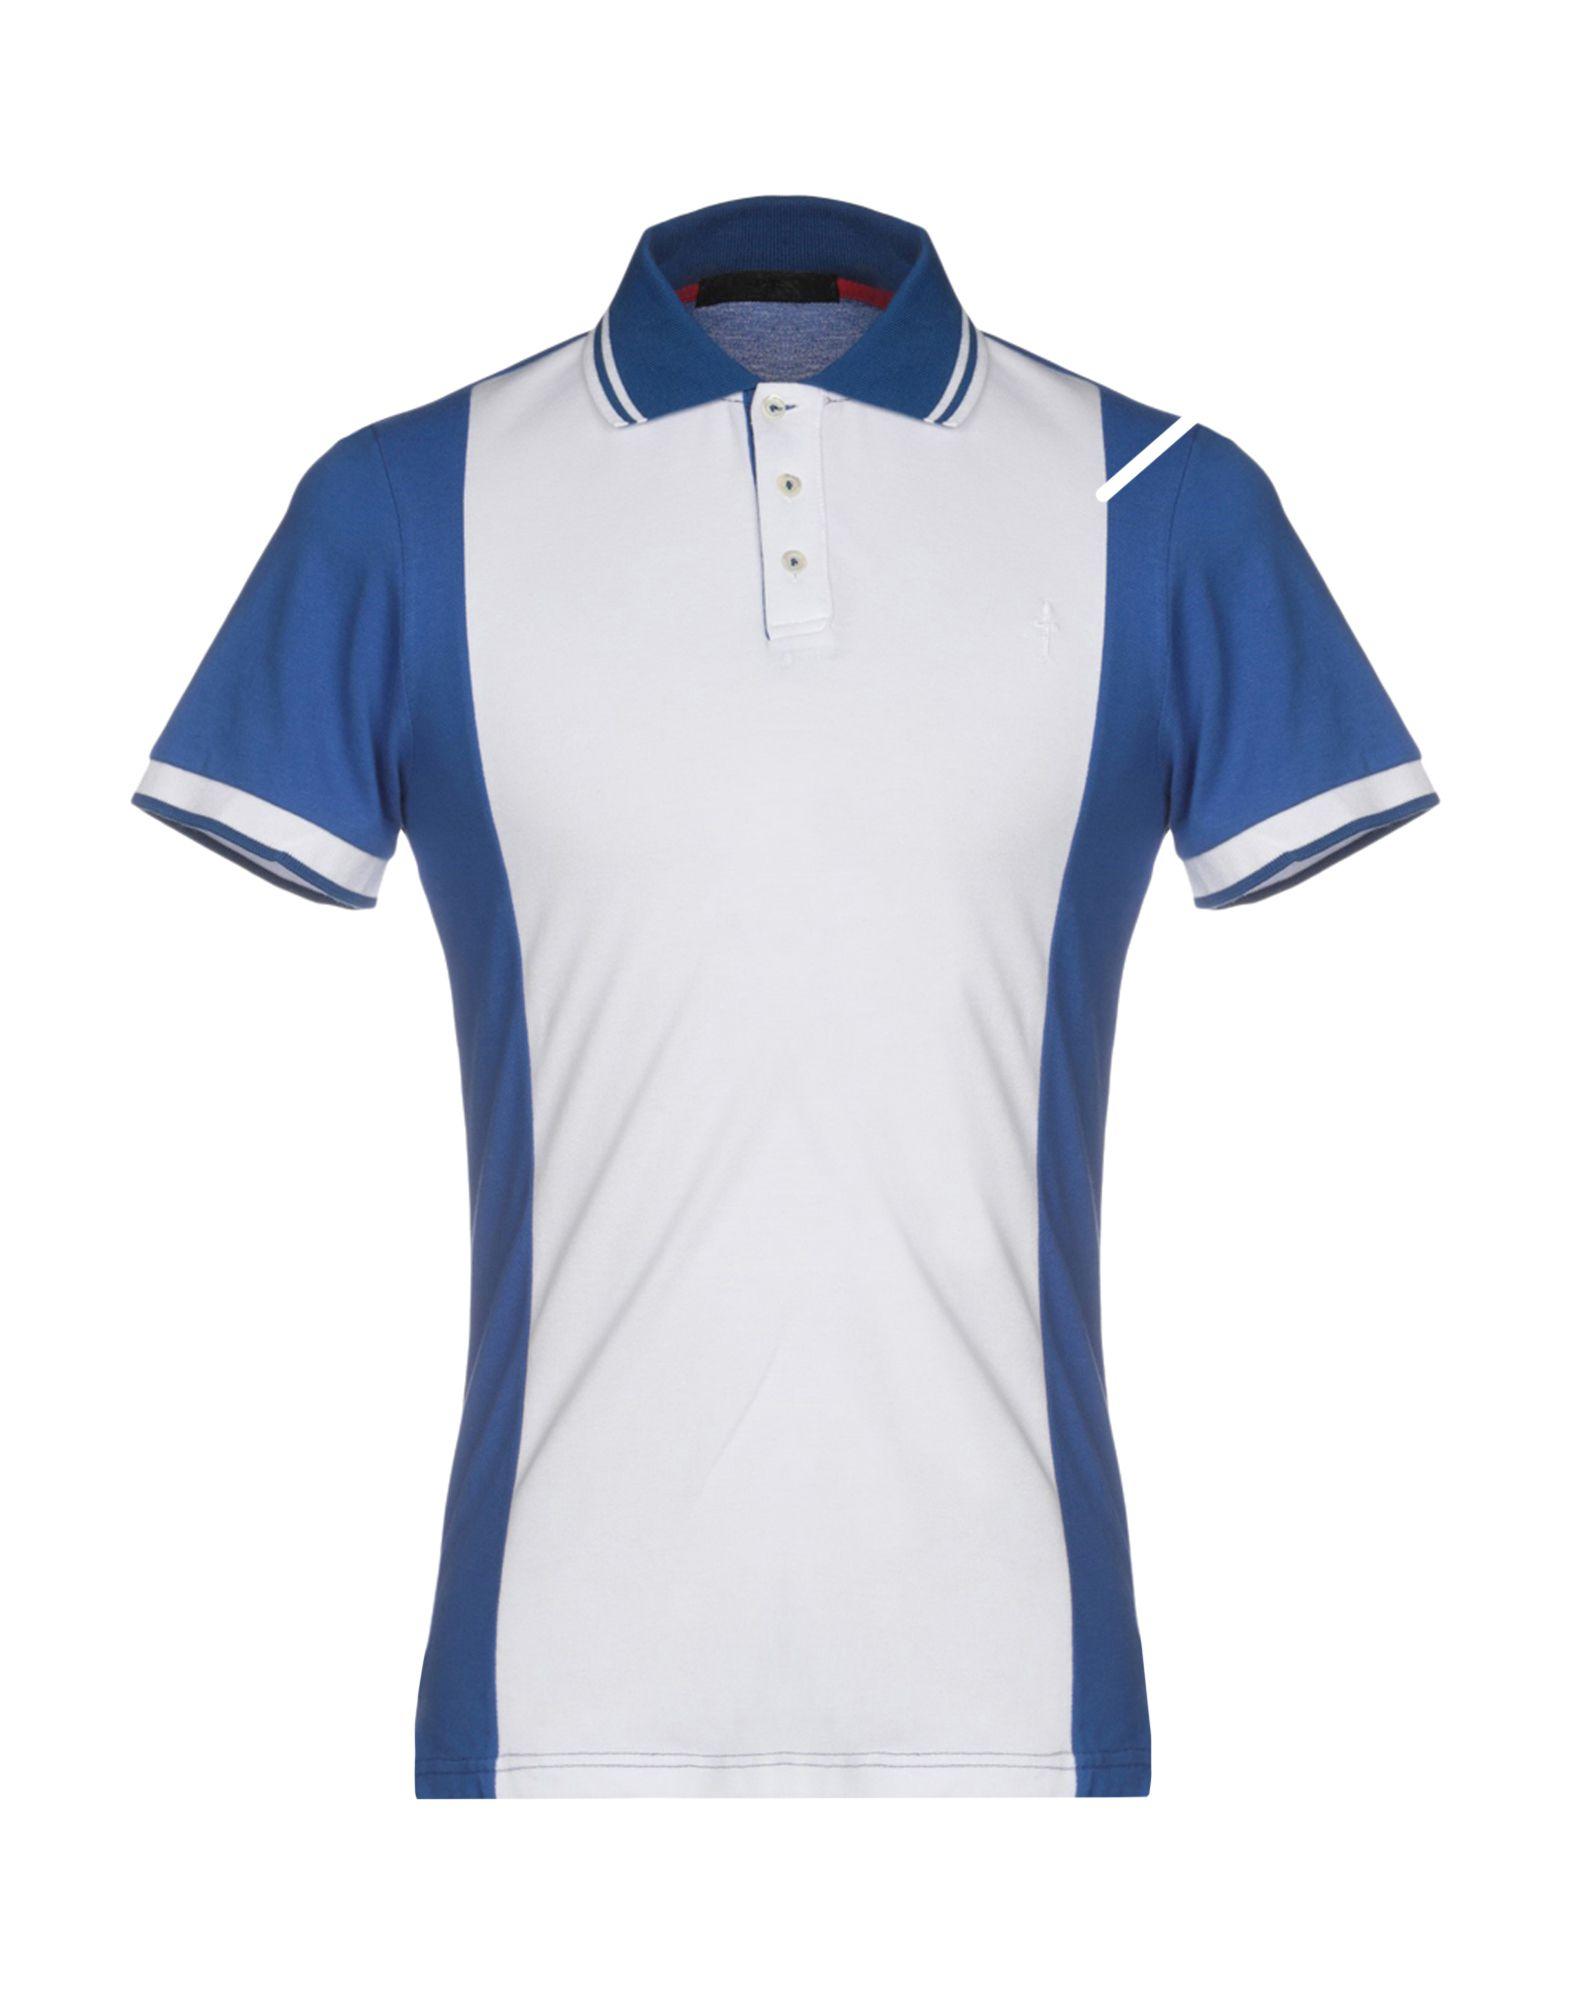 CESARE PACIOTTI 4US Polo Shirts in White